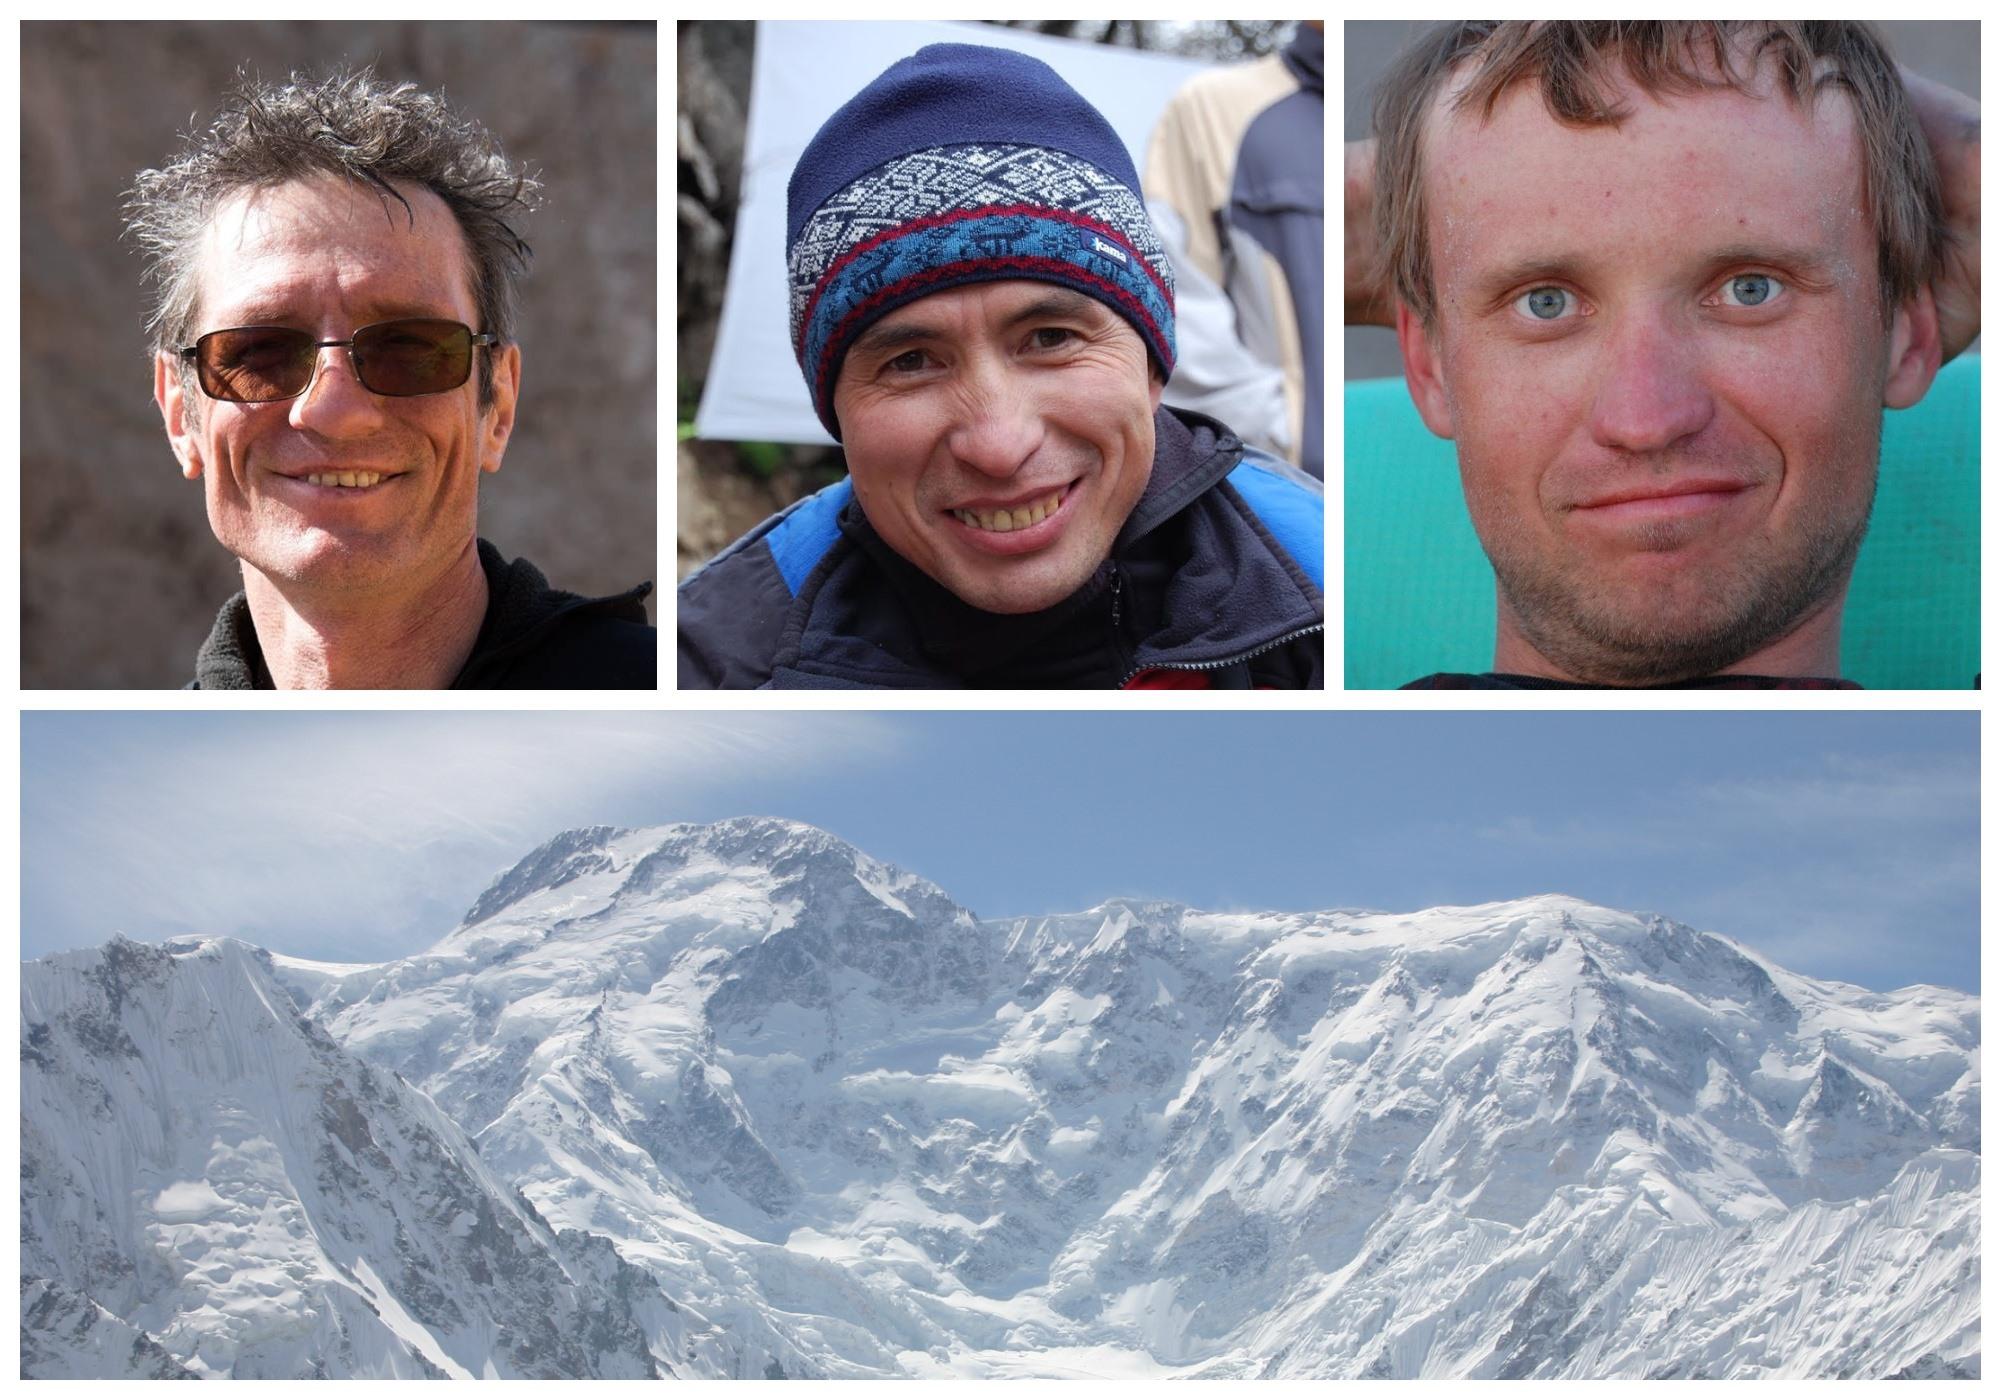 Жоғалған альпинистердің туыстары үміт үзбей отыр